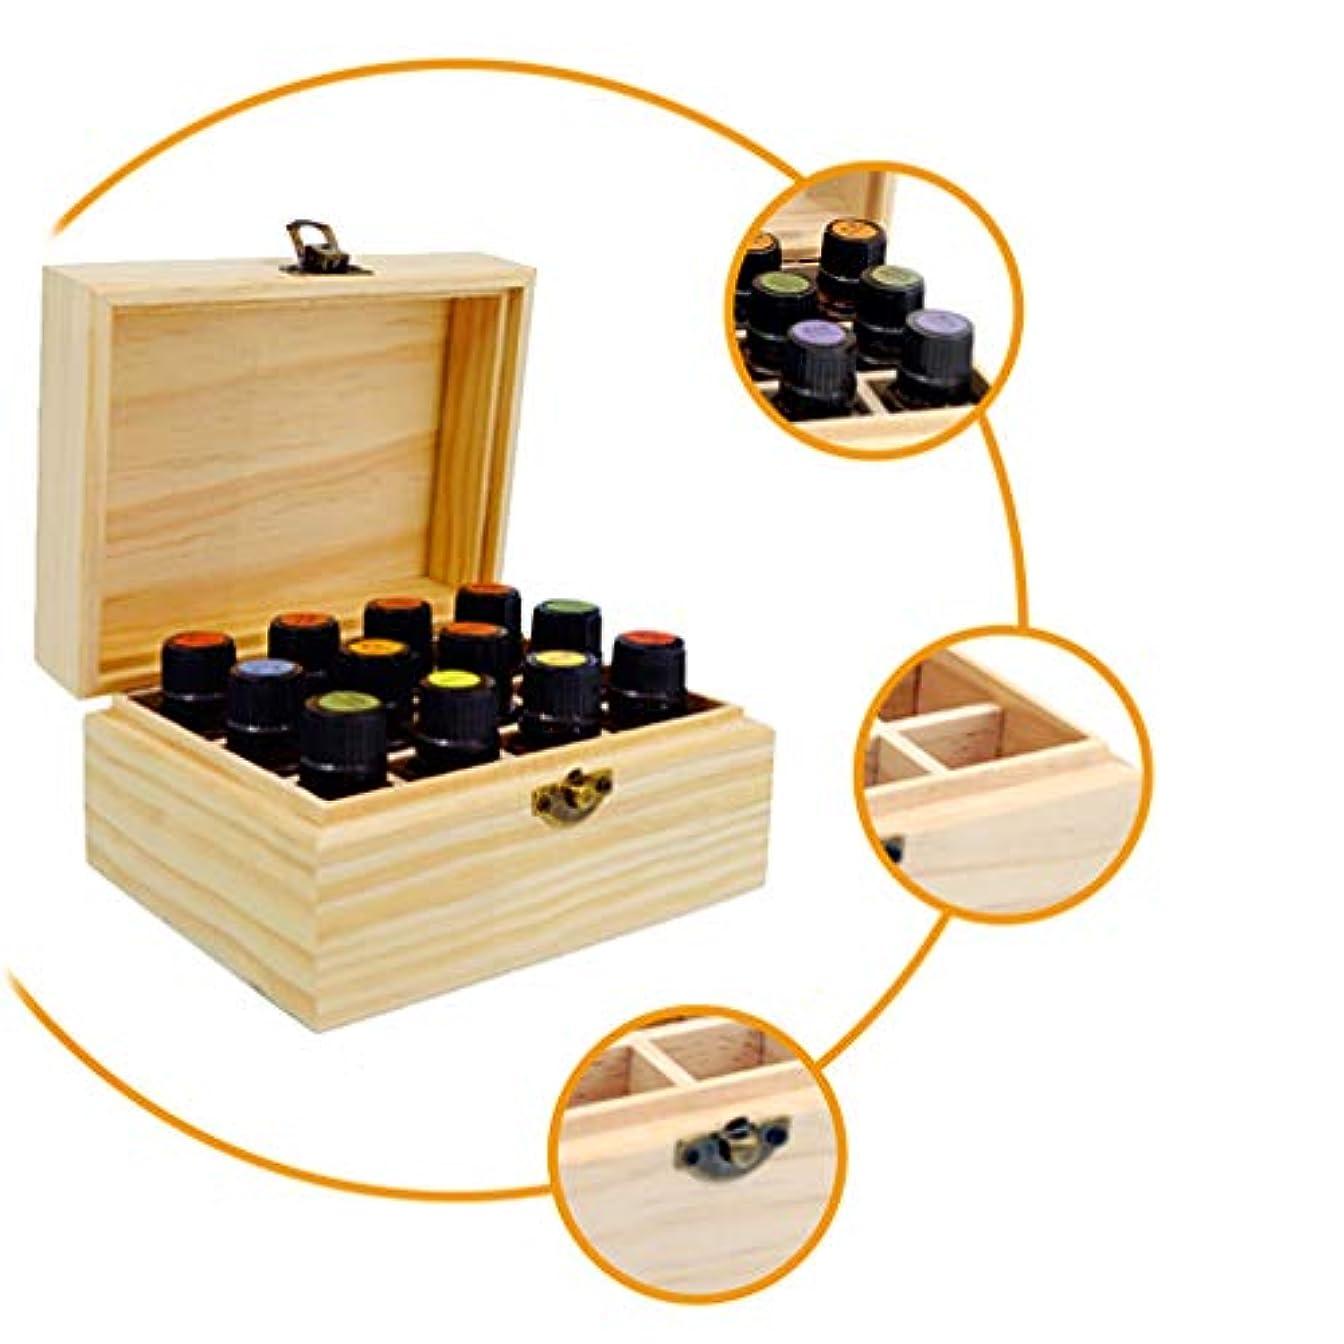 最大の無駄だ雑種JIOLK エッセンシャルオイル 収納ボックス 12本用 木製 香水収納ケース 大容量 精油収納 携帯便利 オイルボックス おしゃれ 精油ケース